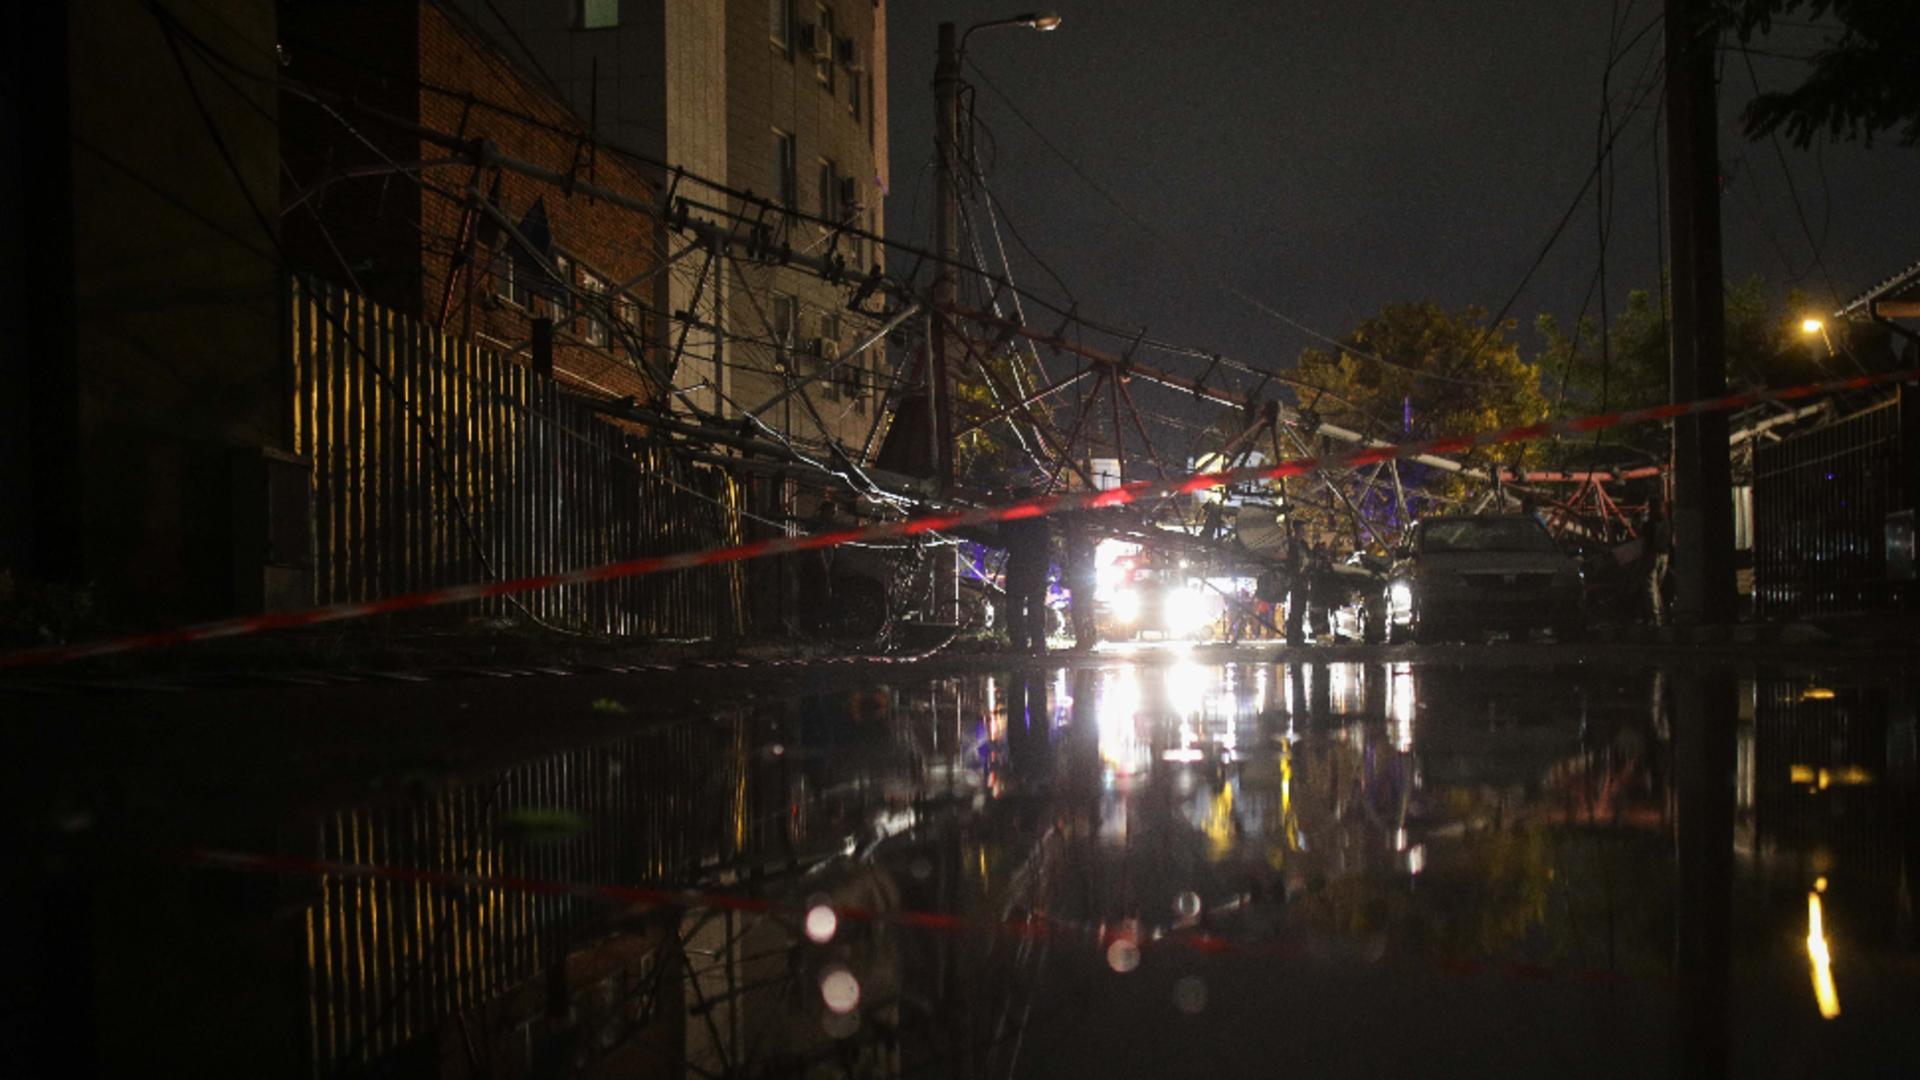 Furtună în București. Foto: Inquam / Octav Ganea